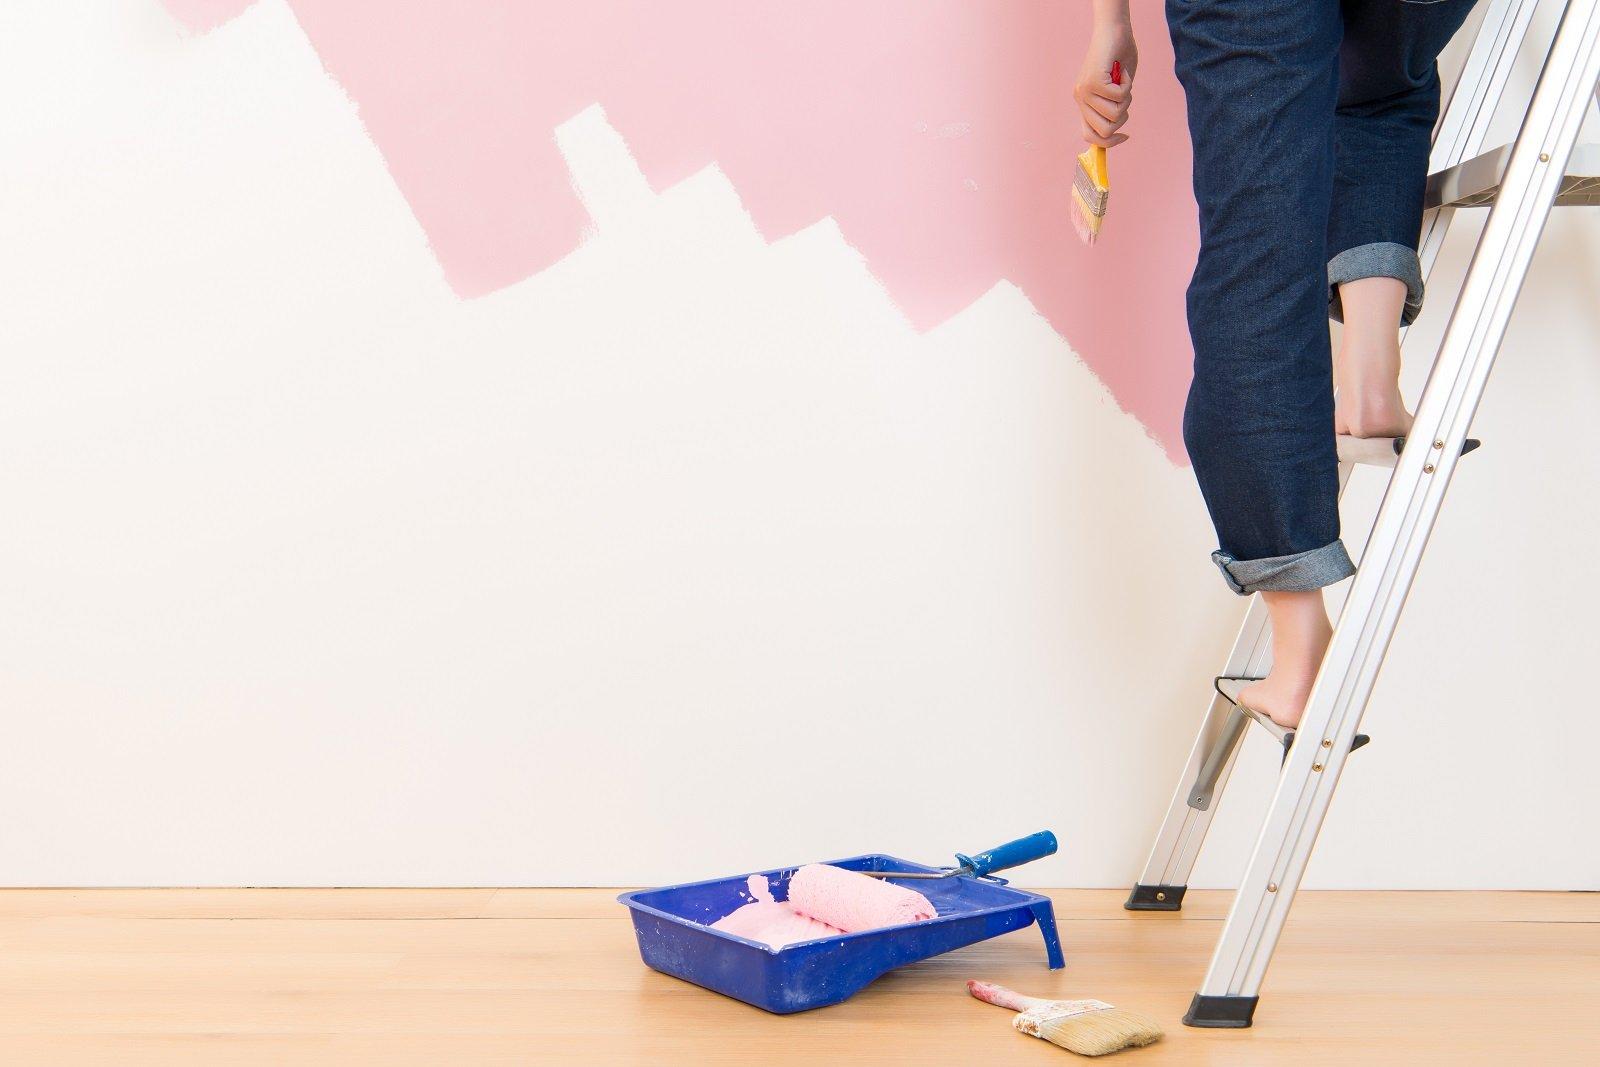 donna che dipinge un muro di rosa